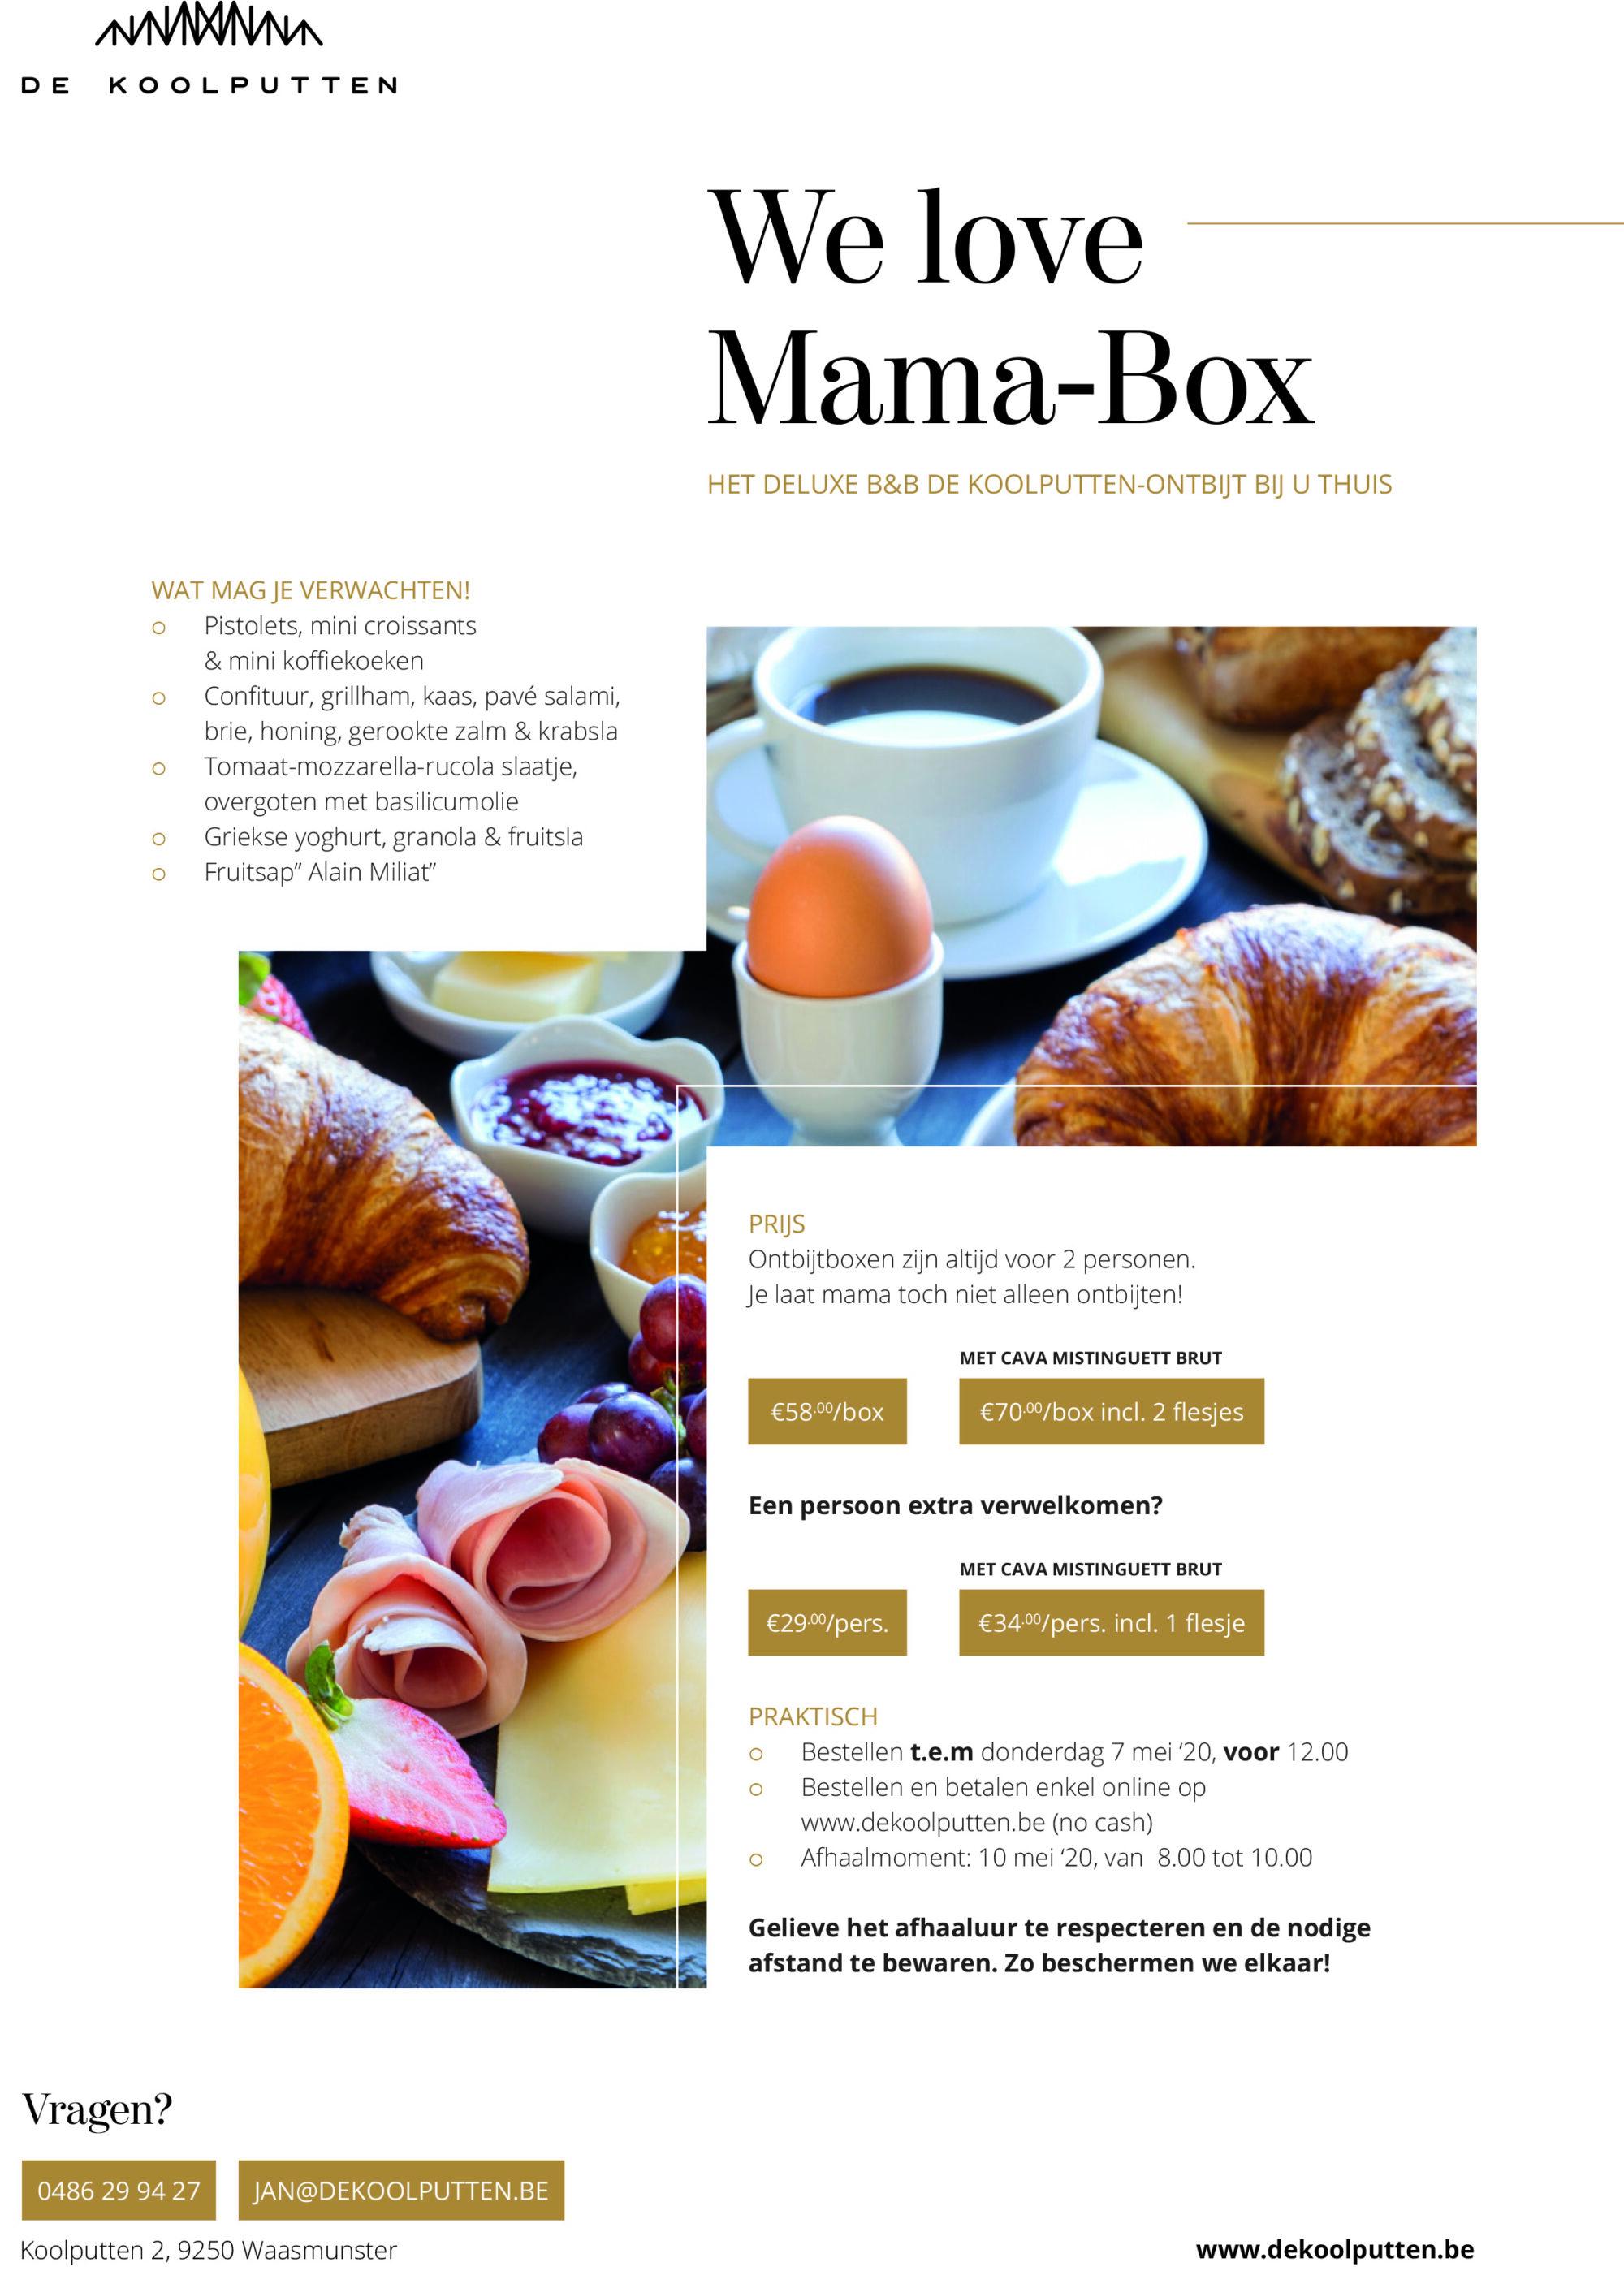 WE LOVE MAMA-BOX